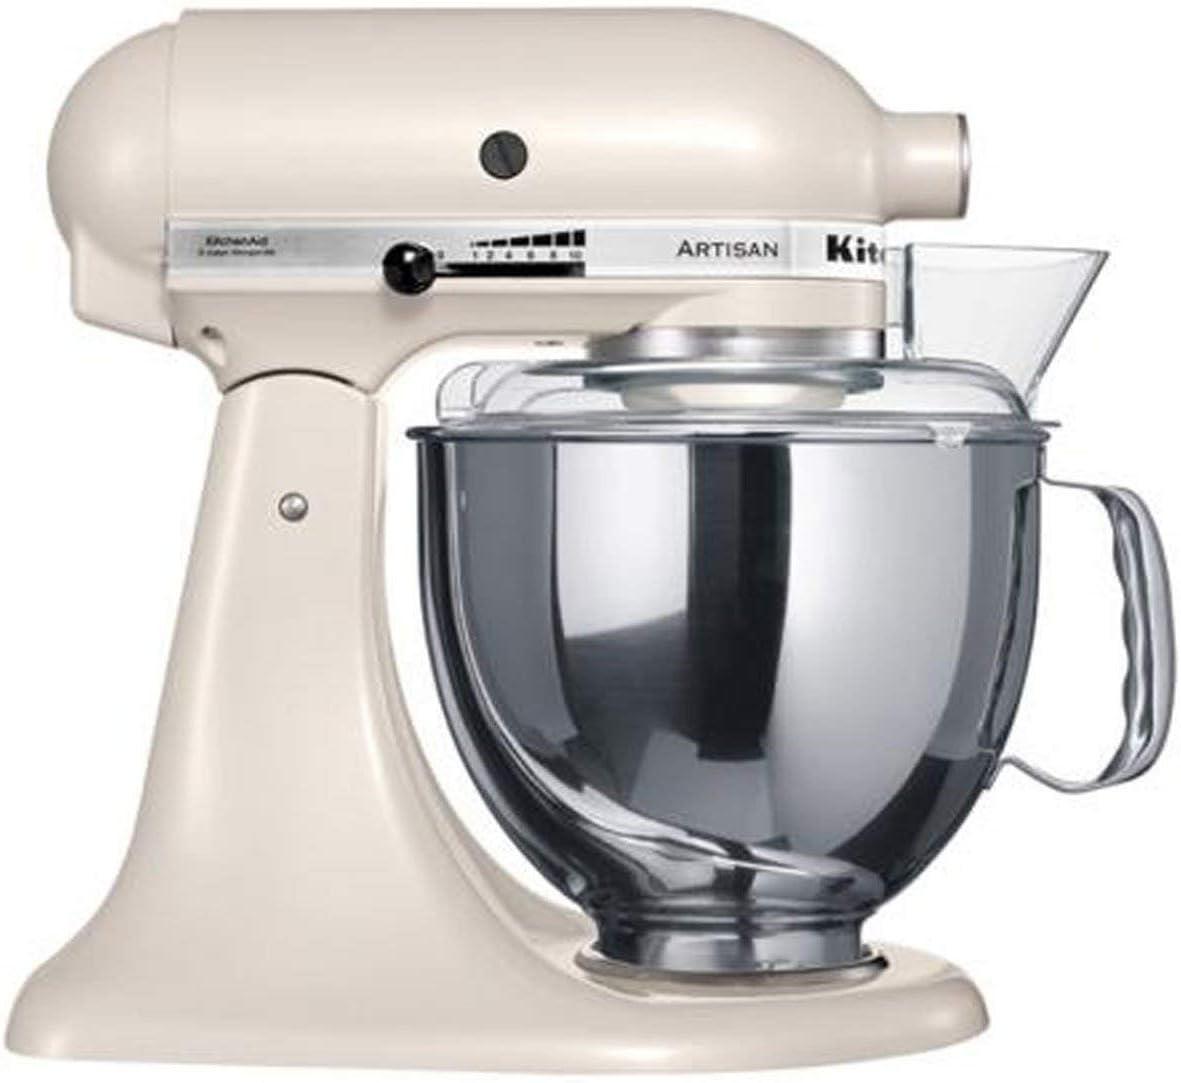 KitchenAid KSM150PSECB - Robot de cocina, motor de 300 vatios ...